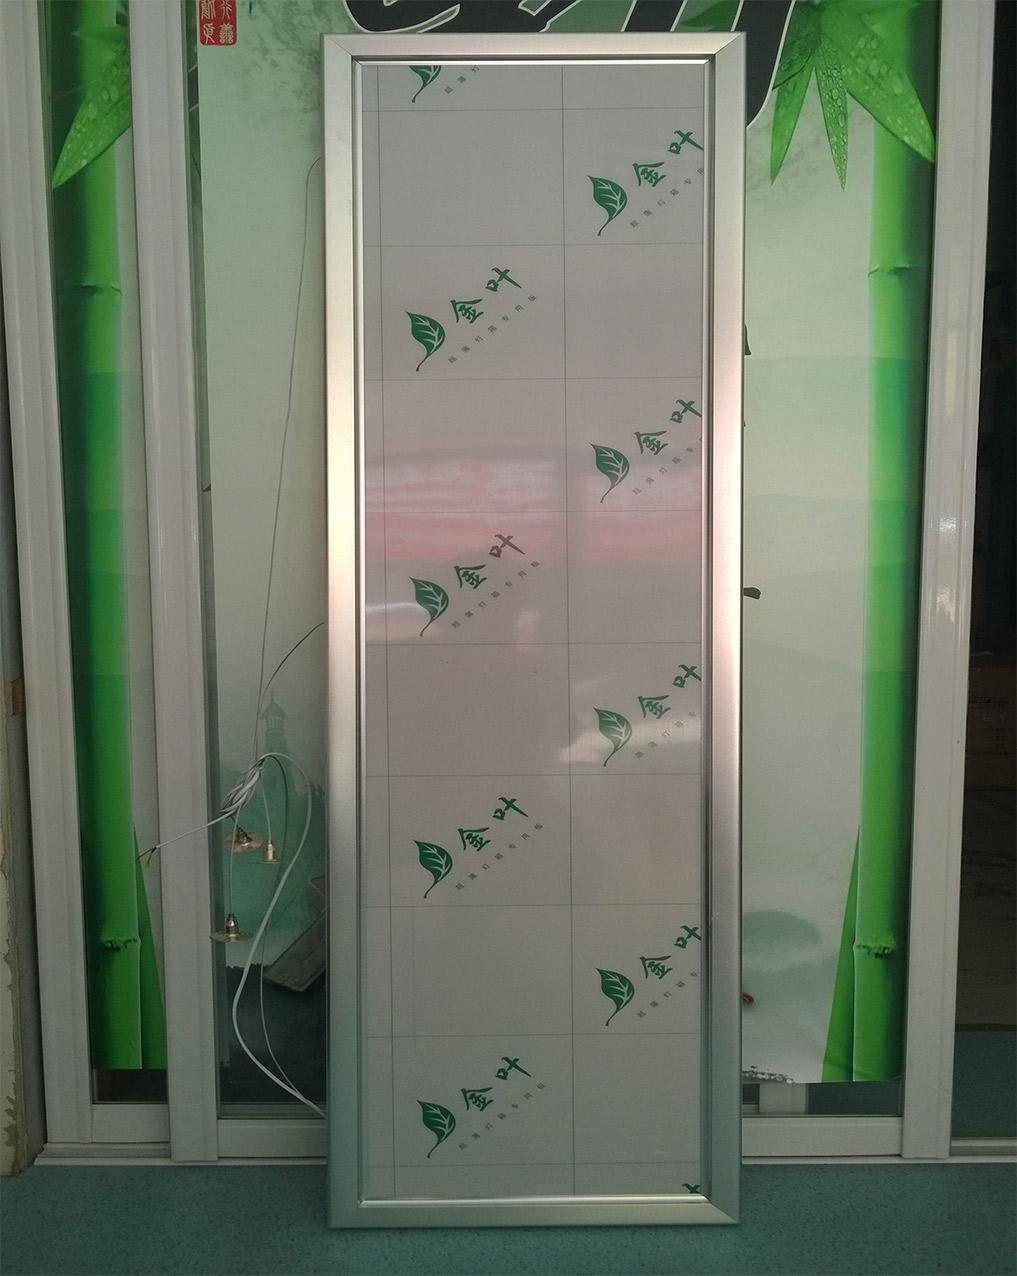 六盘水专业定制磁吸灯箱产品展示